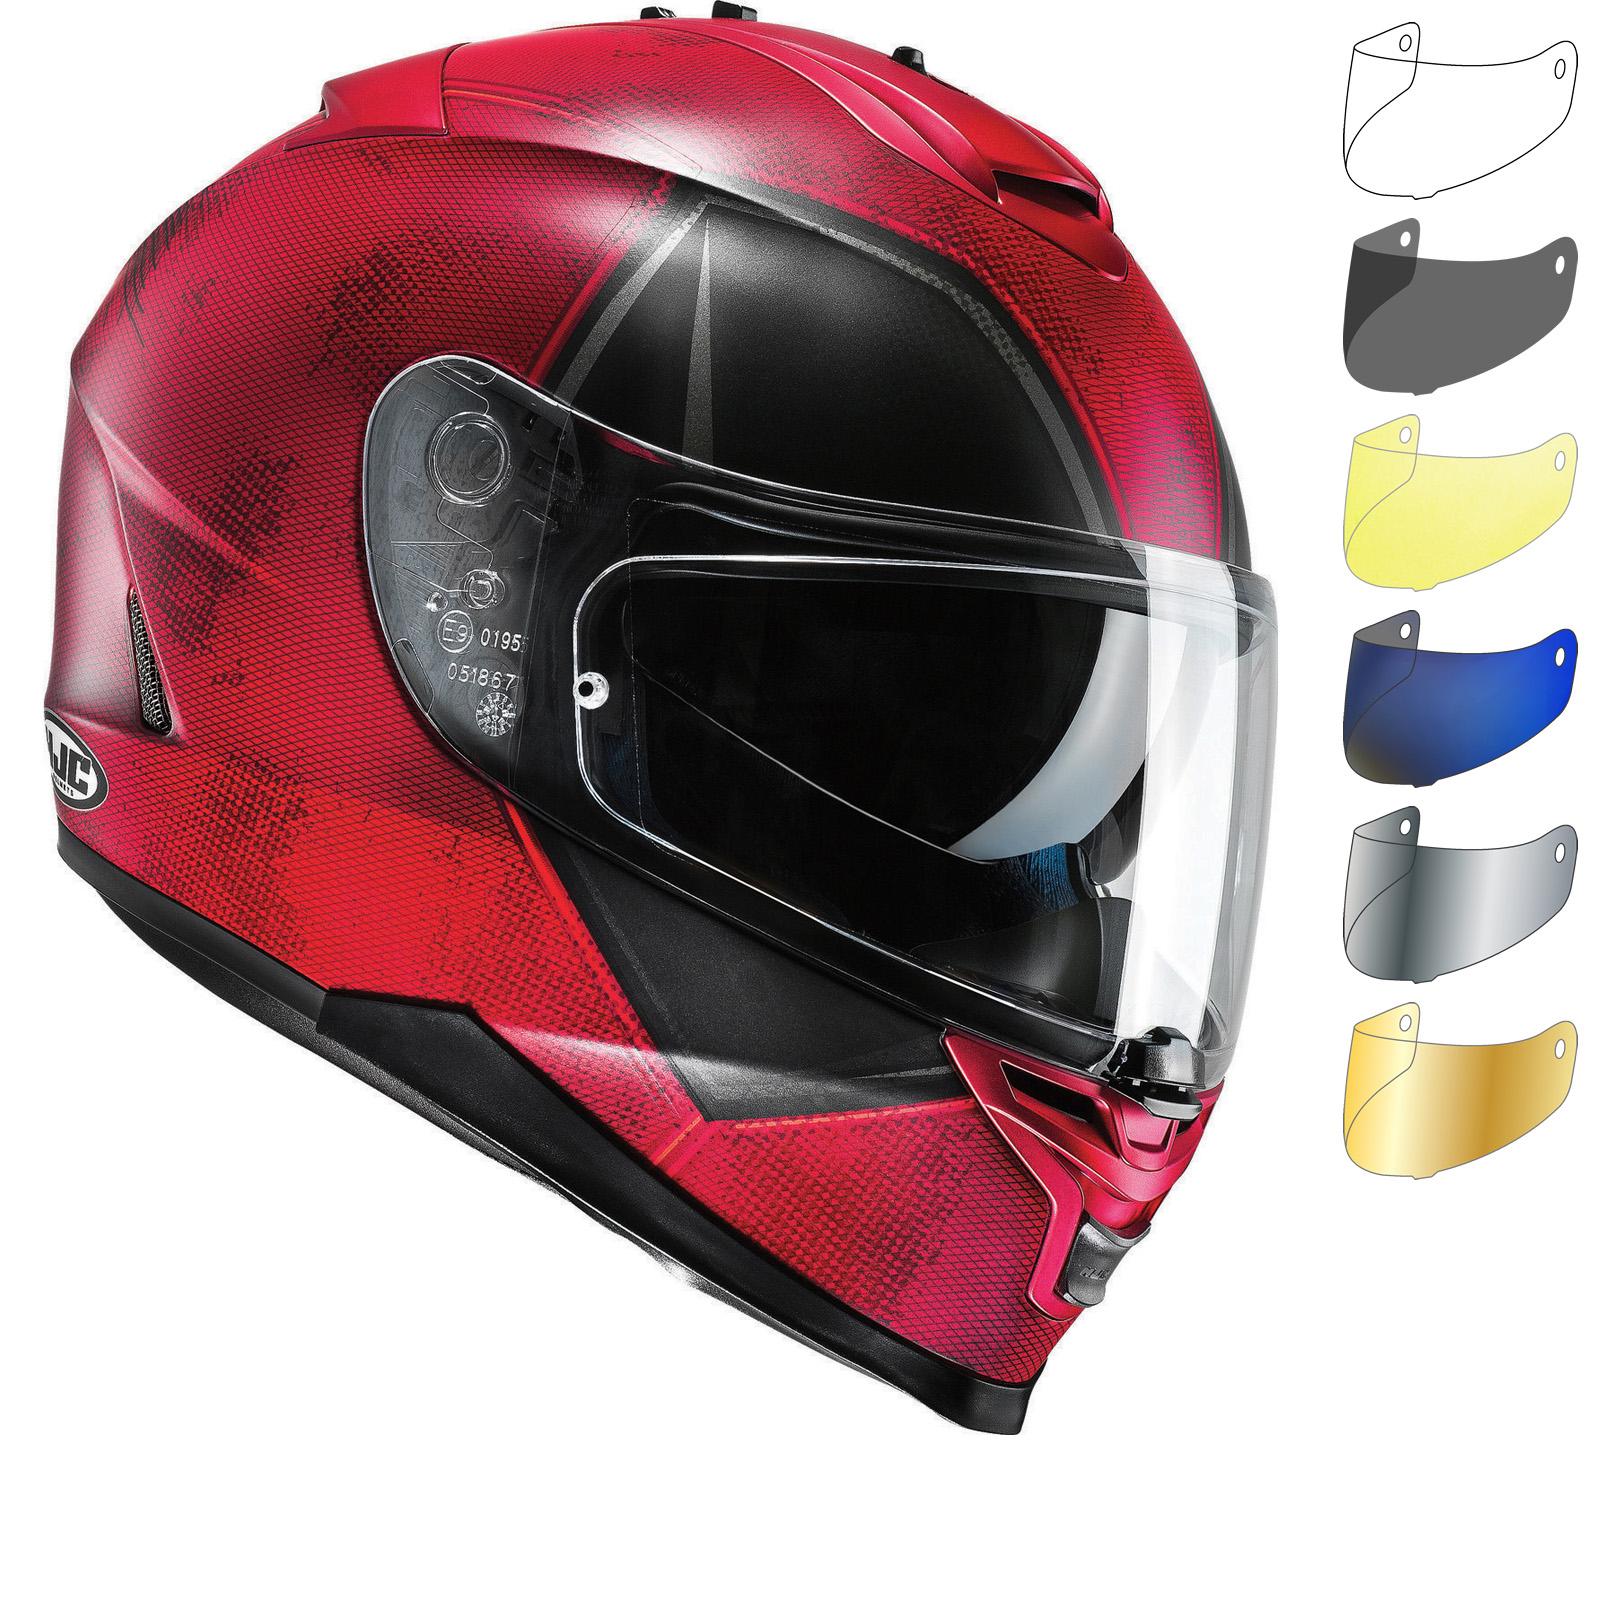 d5e35686 How To Paint Motorcycle Helmet Visor